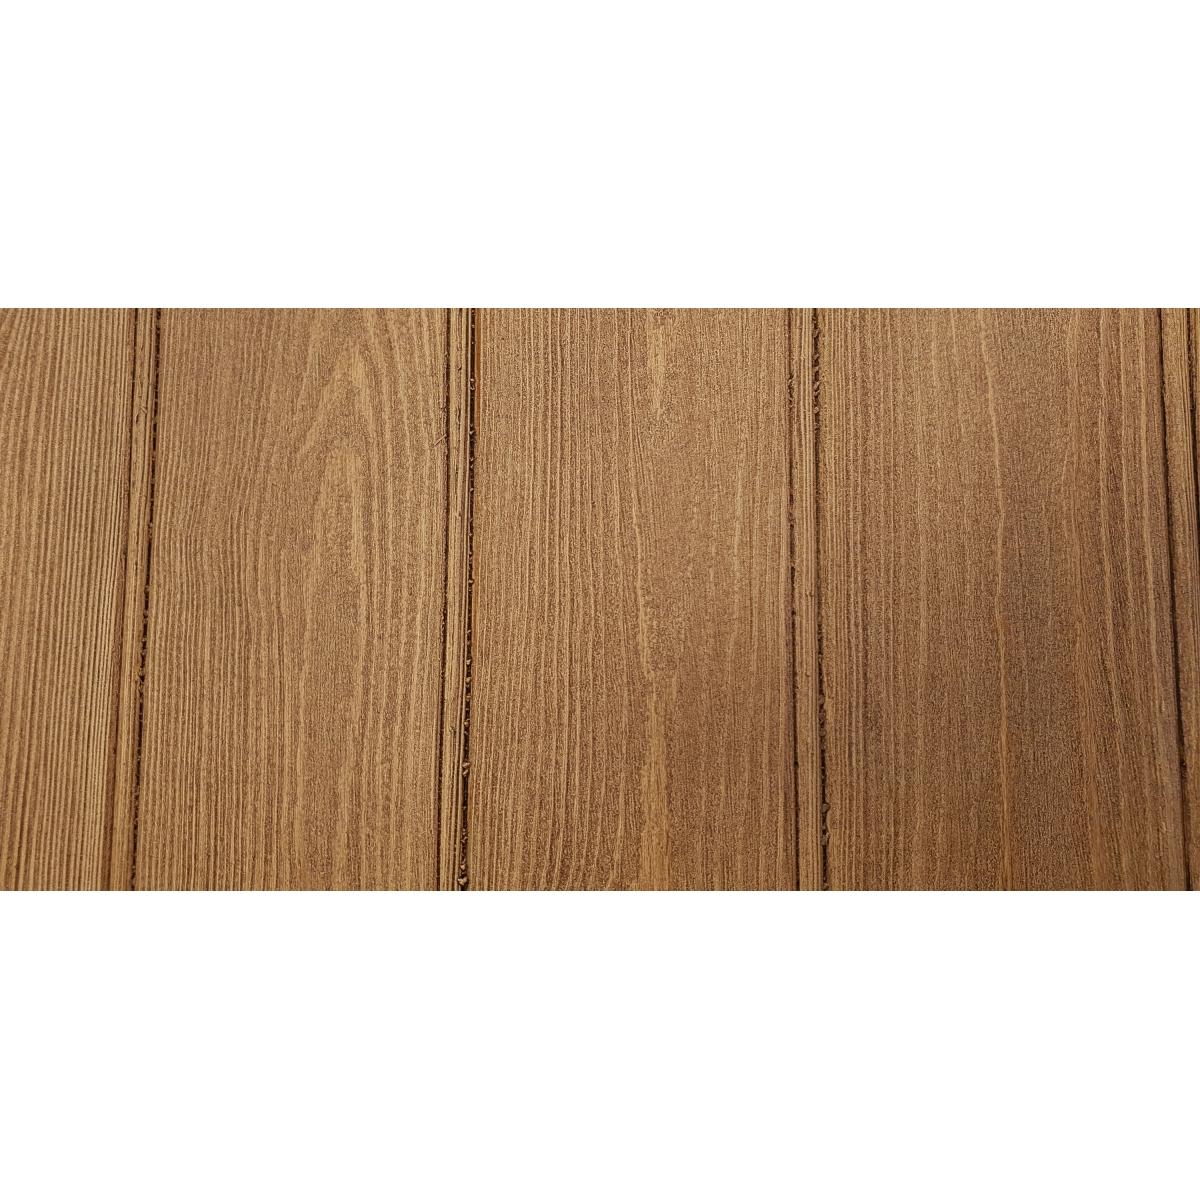 Panel rústico de seis lamas imitación madera de 300x62cm Grupo Unamacor